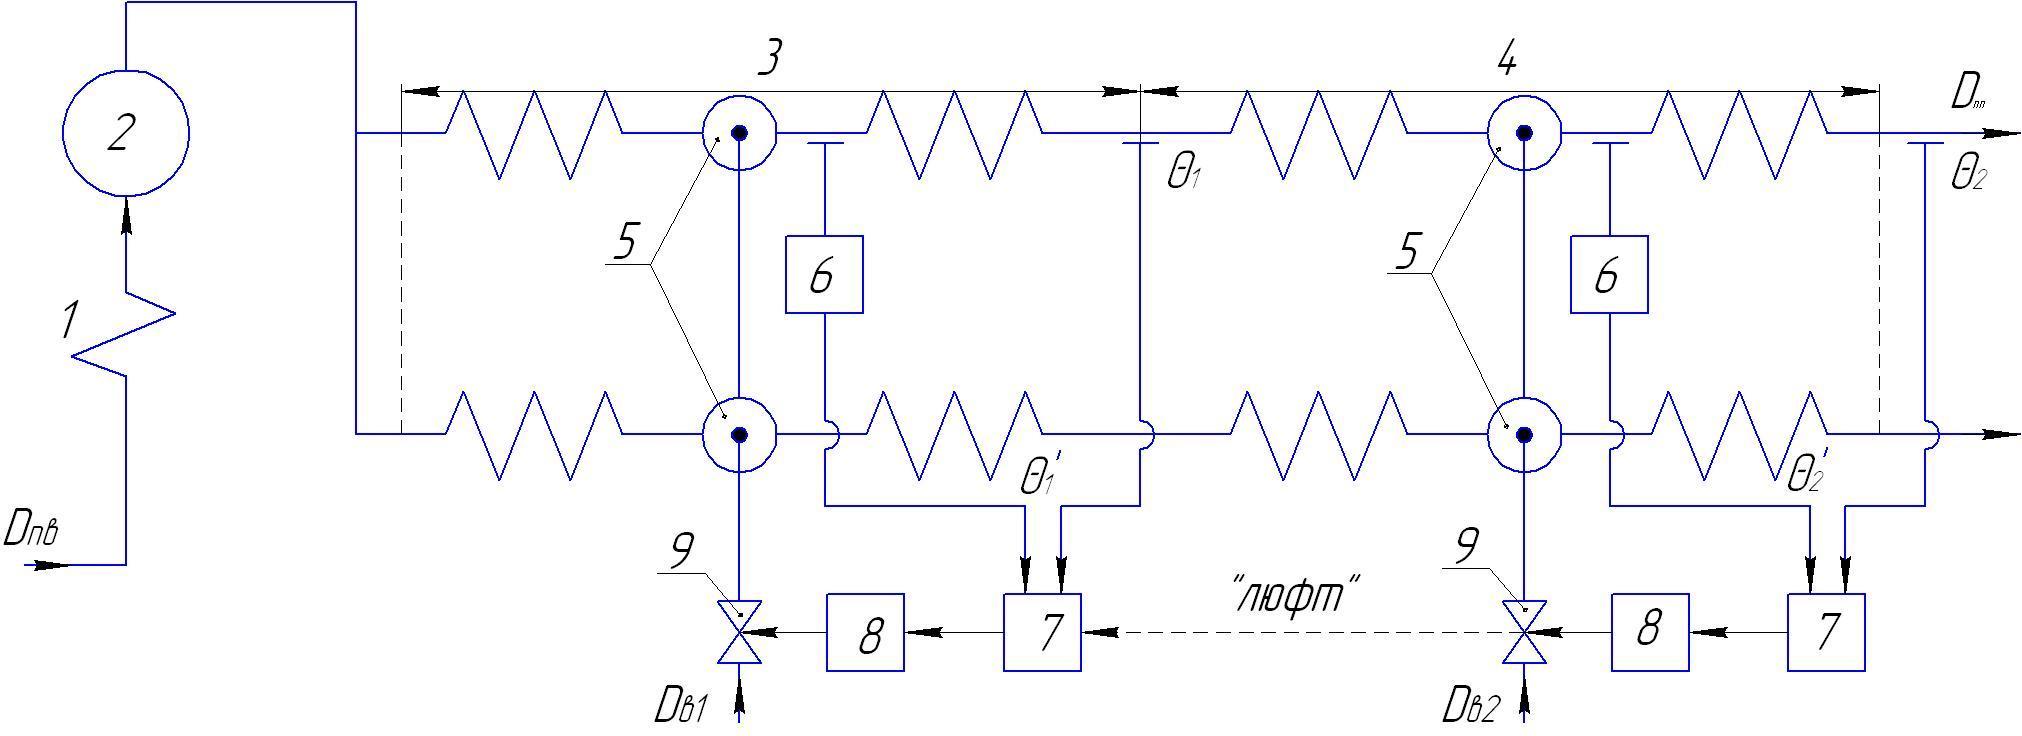 Функциональная схема автоматического регулирования температуры